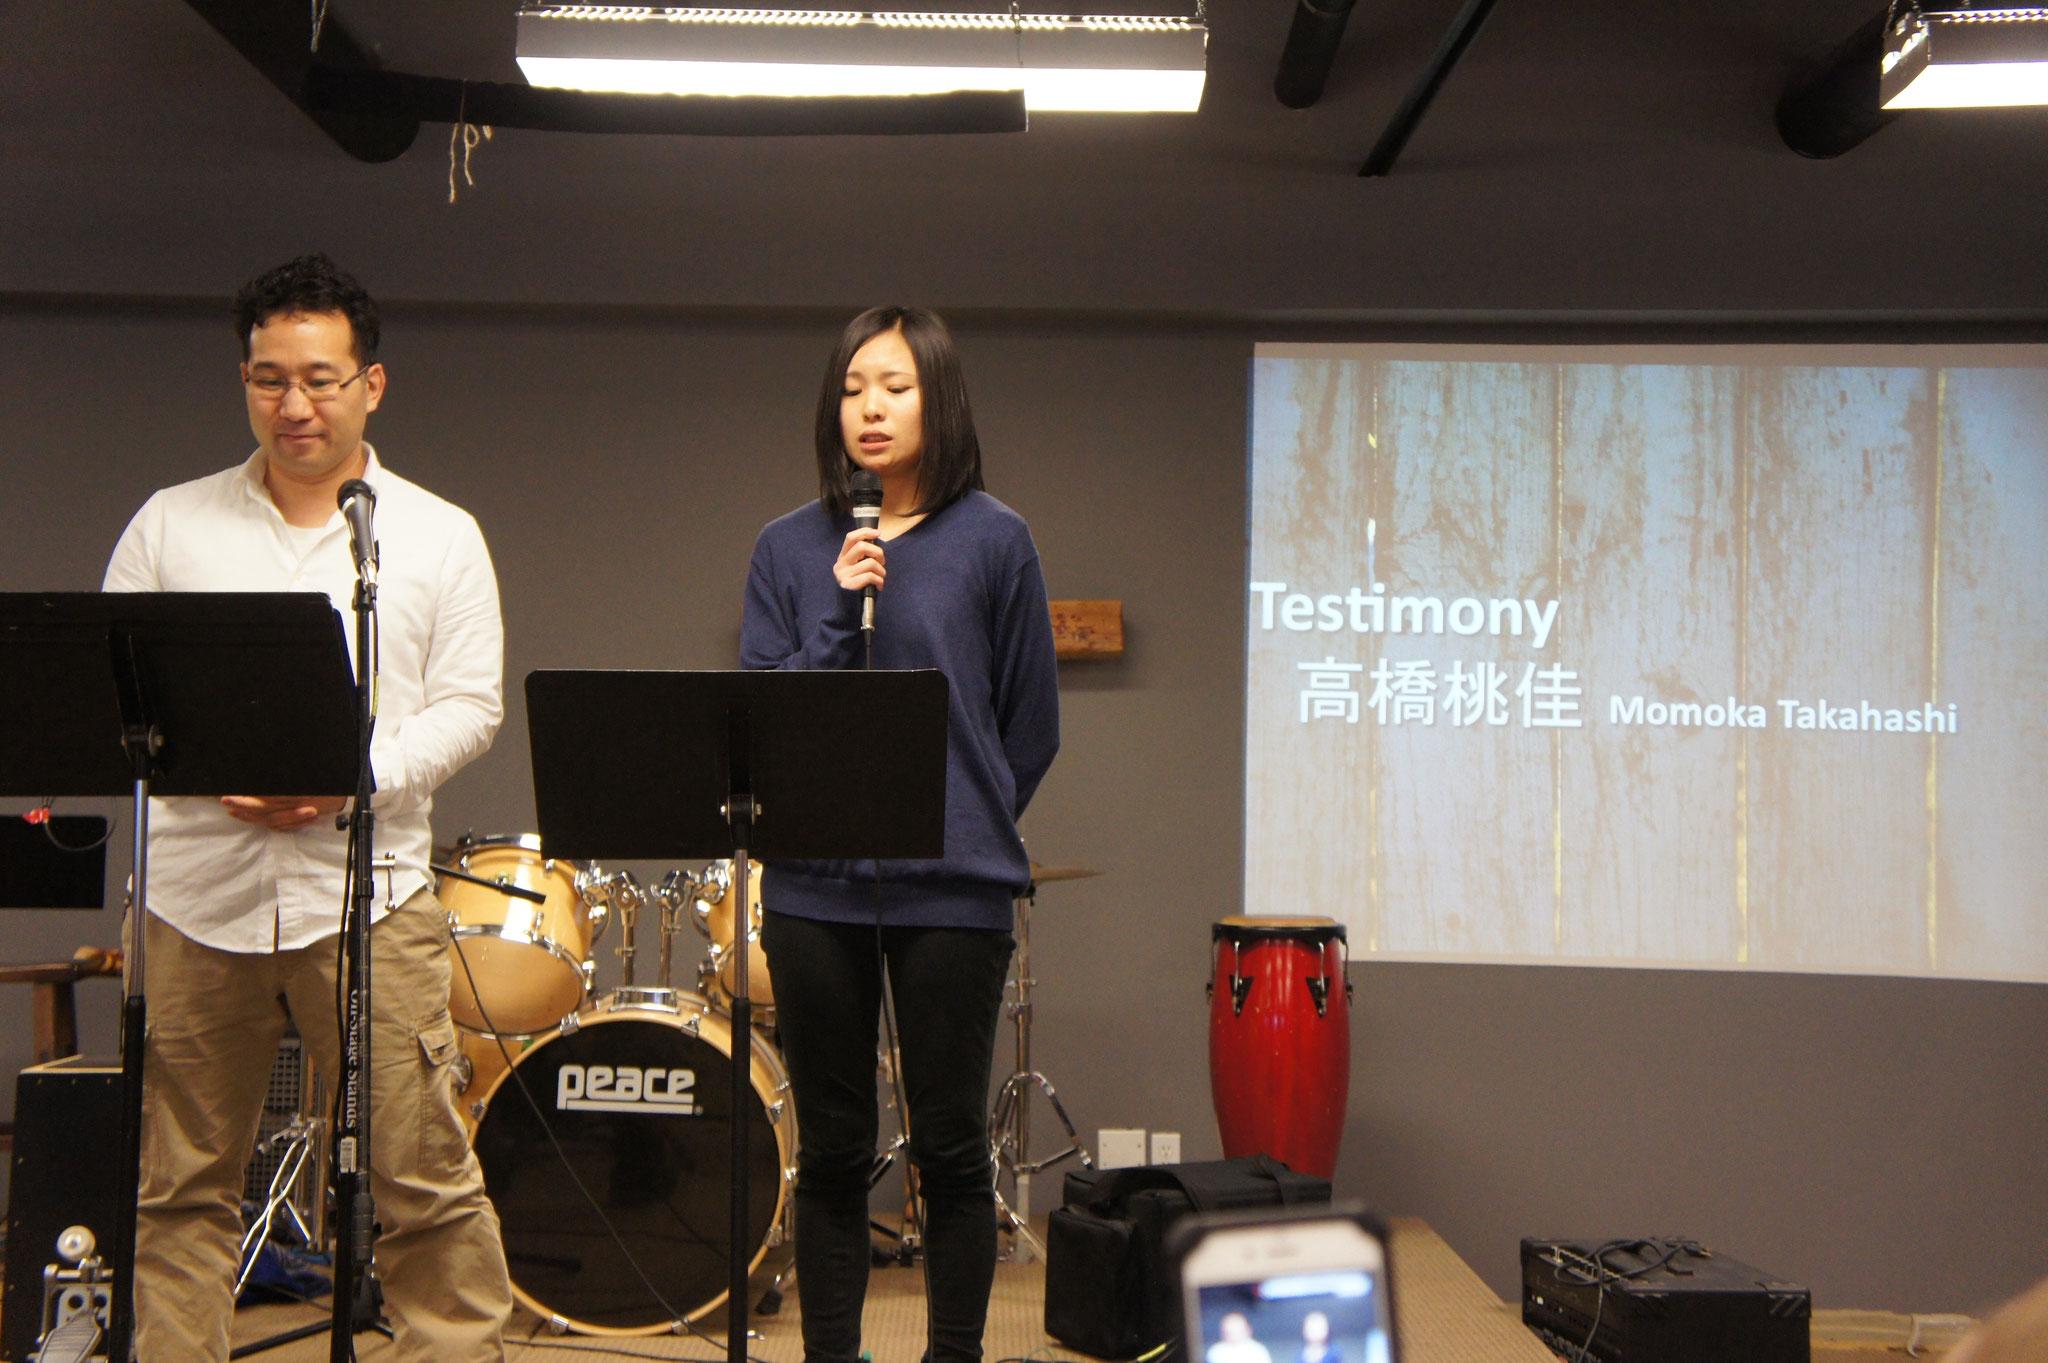 1/22 石土屋憲くんが証してくださいました。Testimony by Tadashi